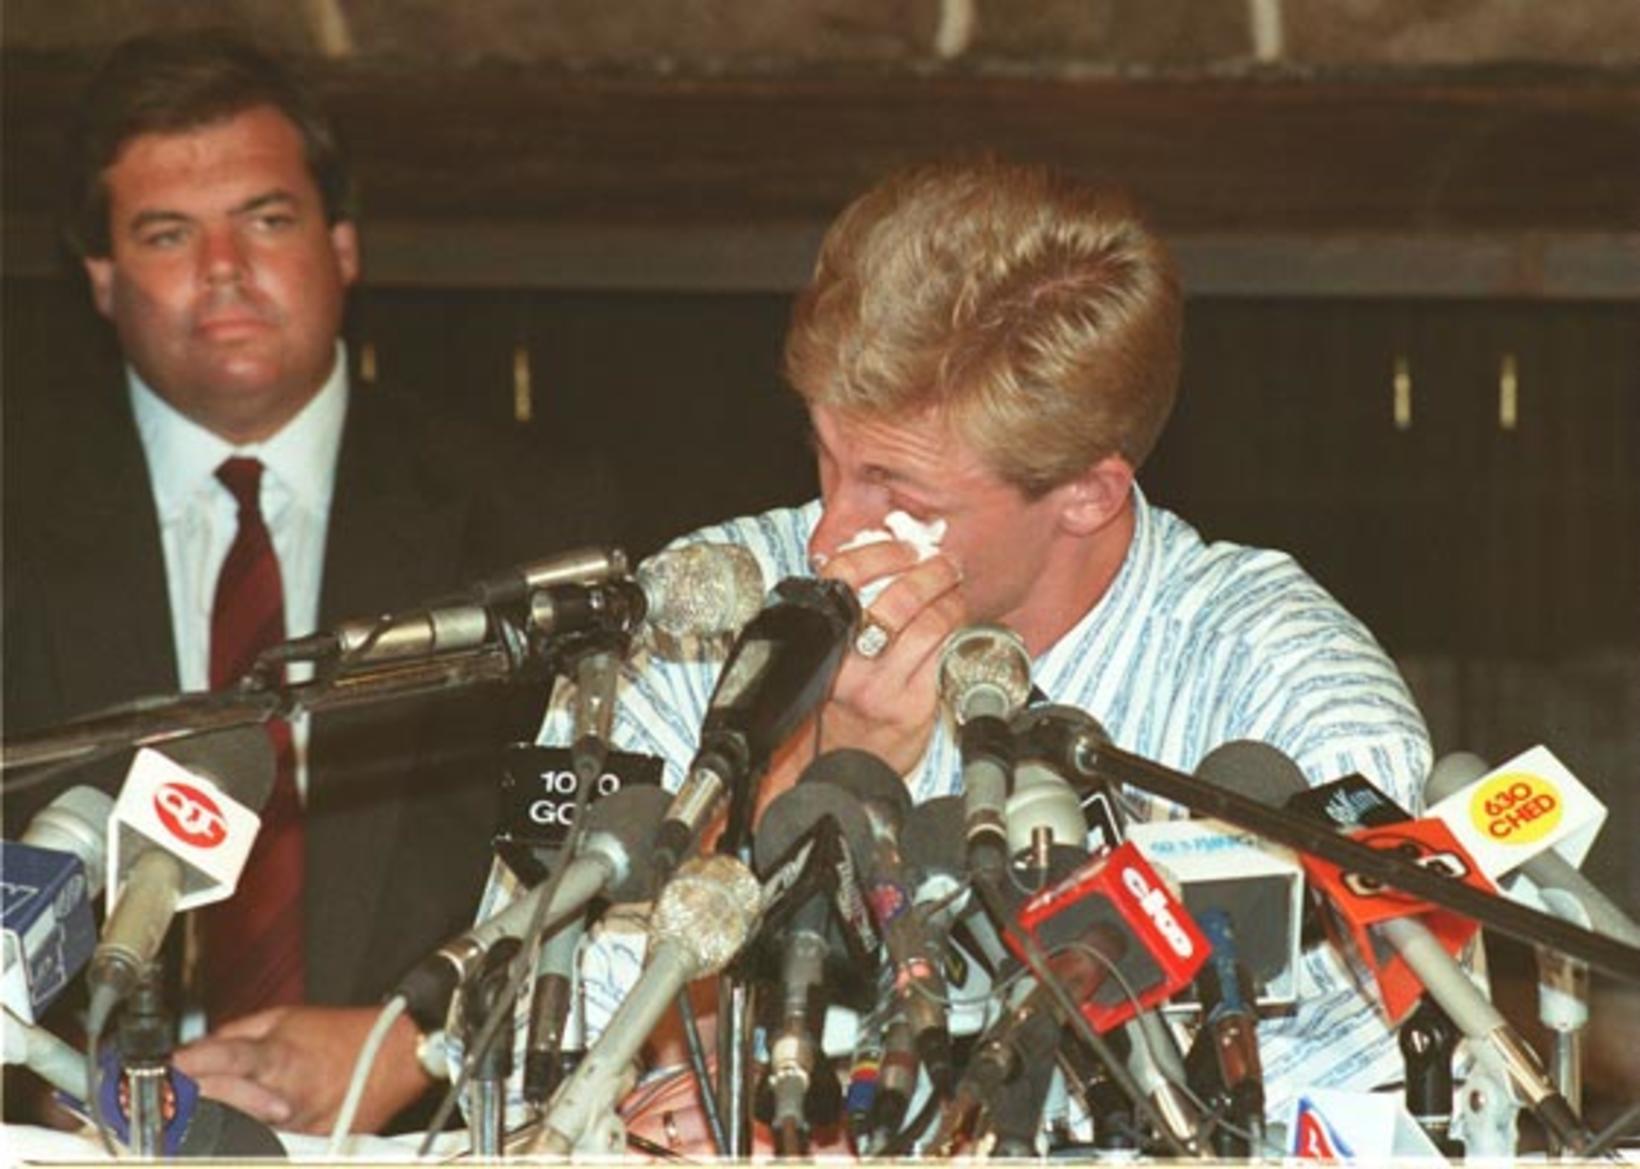 Blaðamannafundurinn tók heldur betur á fyrir Gretzky þegar hann ætlaði …